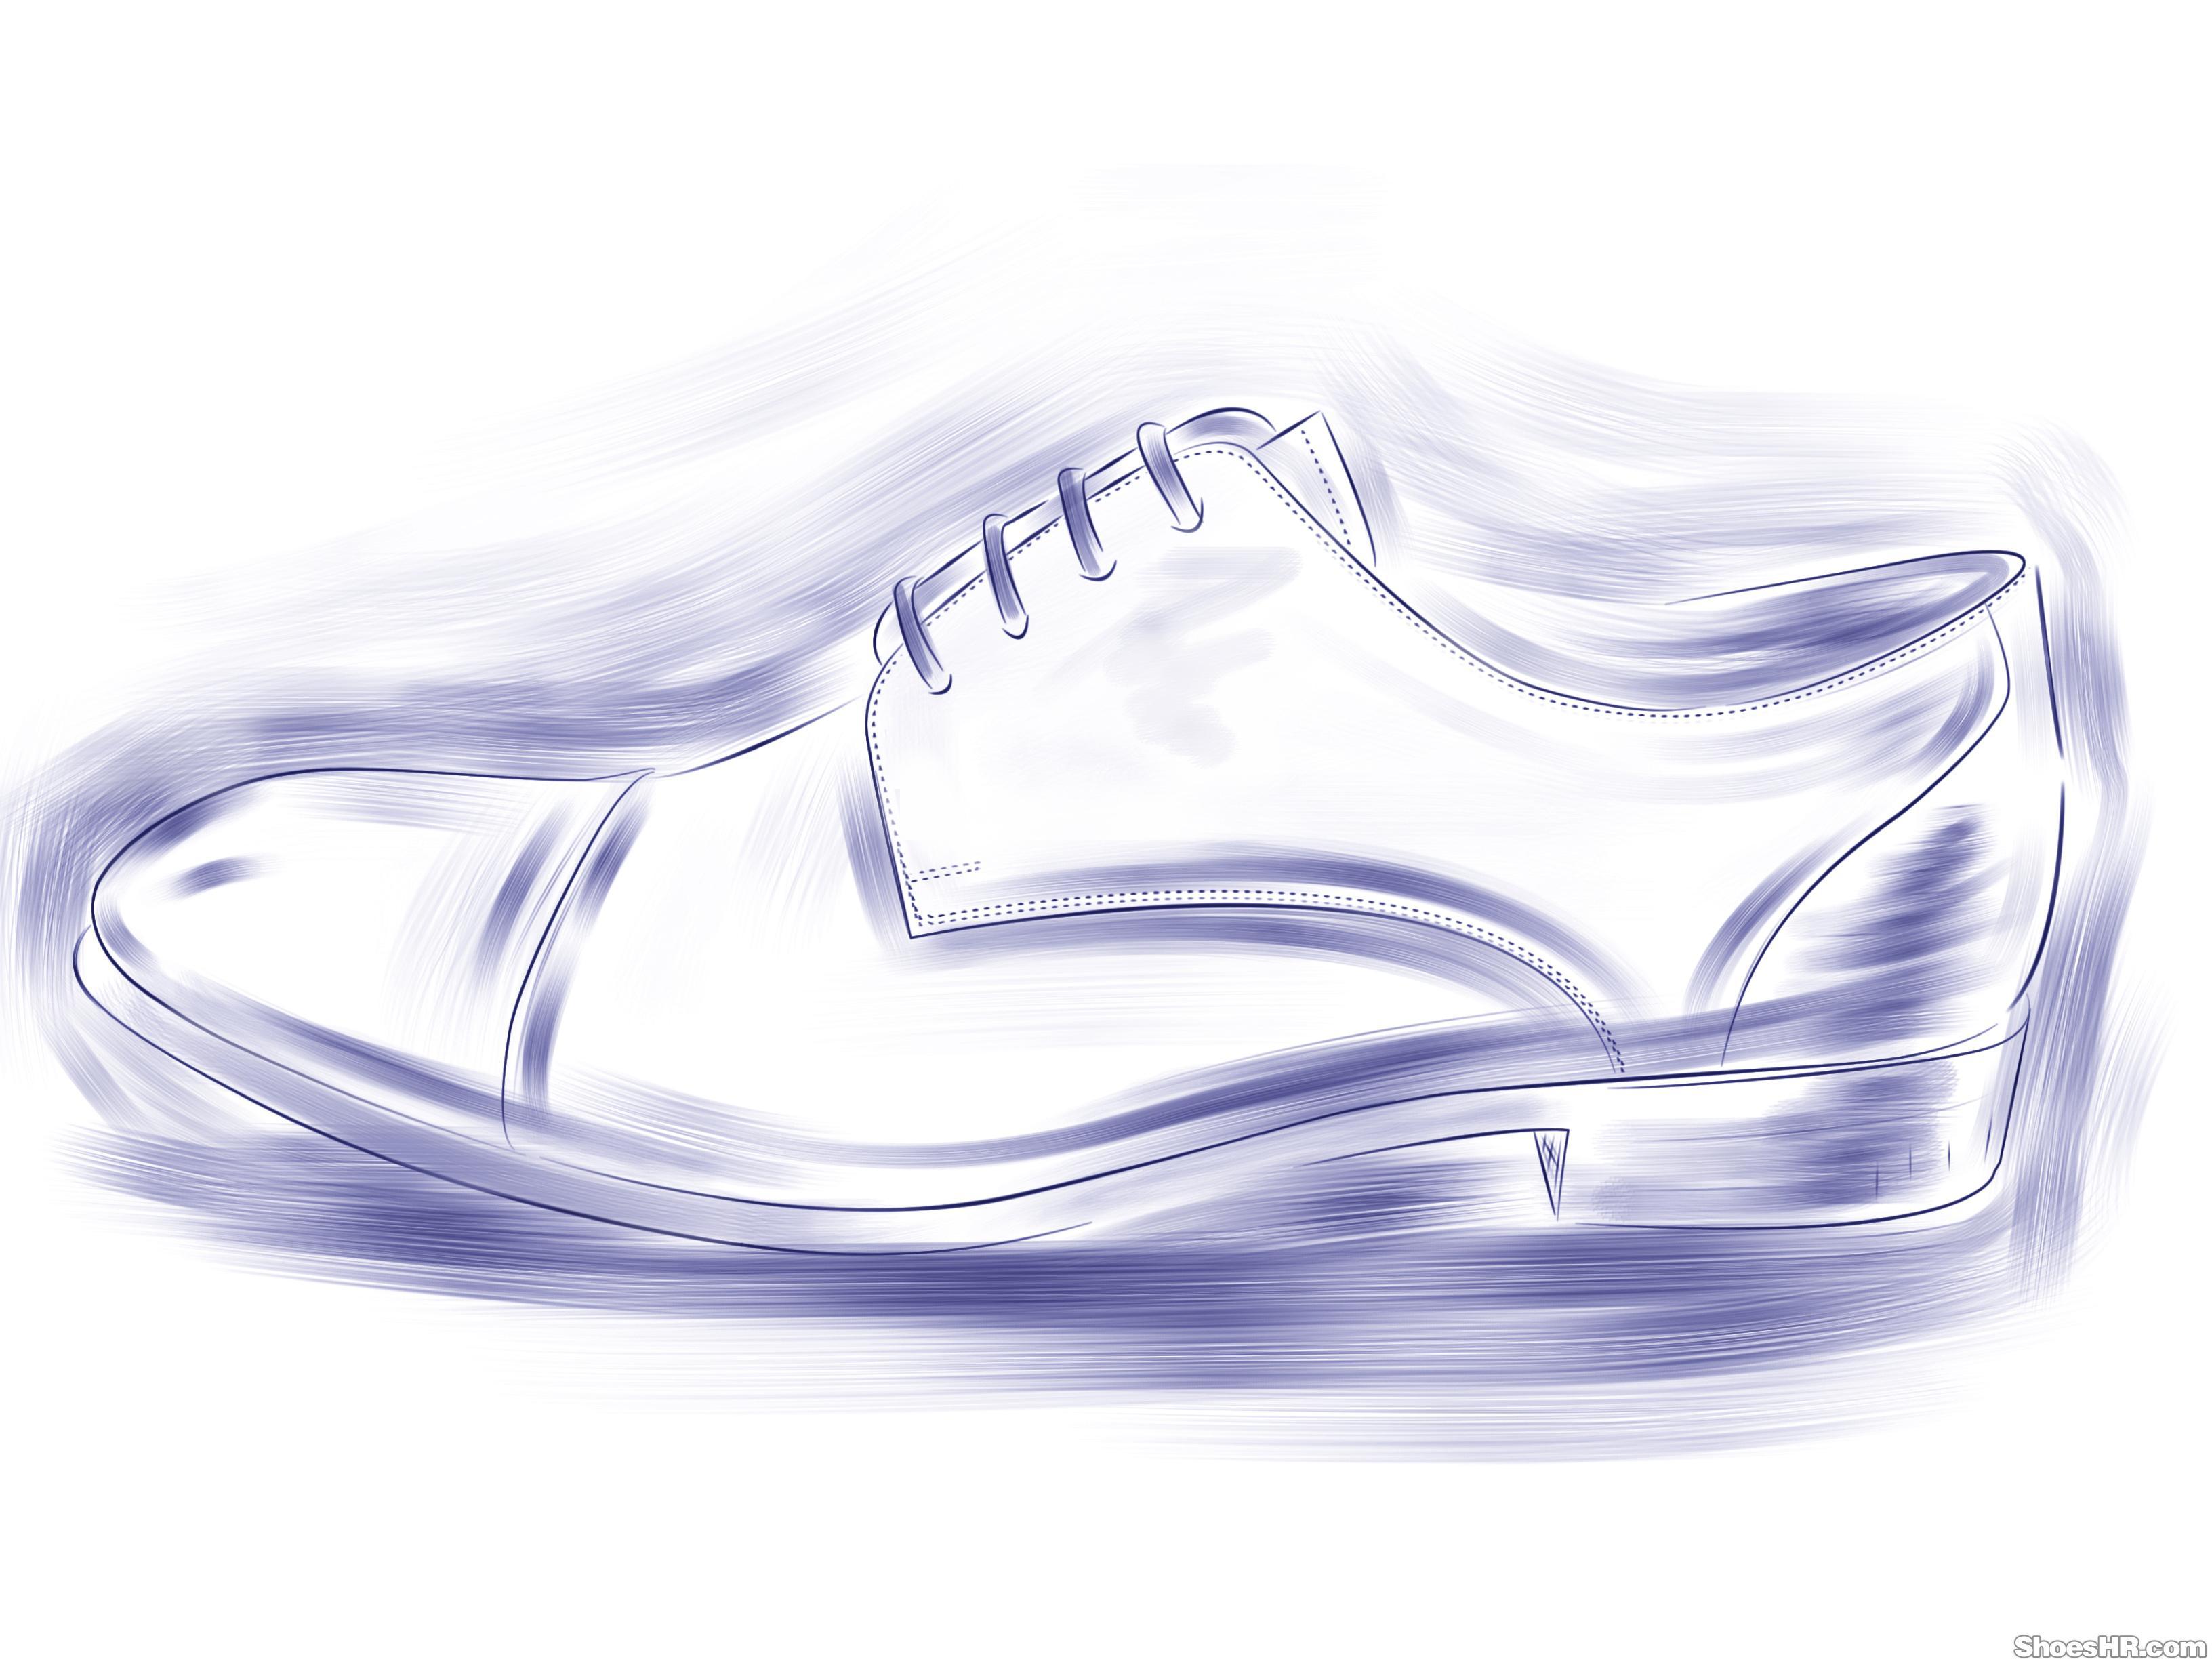 素描鞋子高清 鞋子创意素描 创意鞋子设计素描